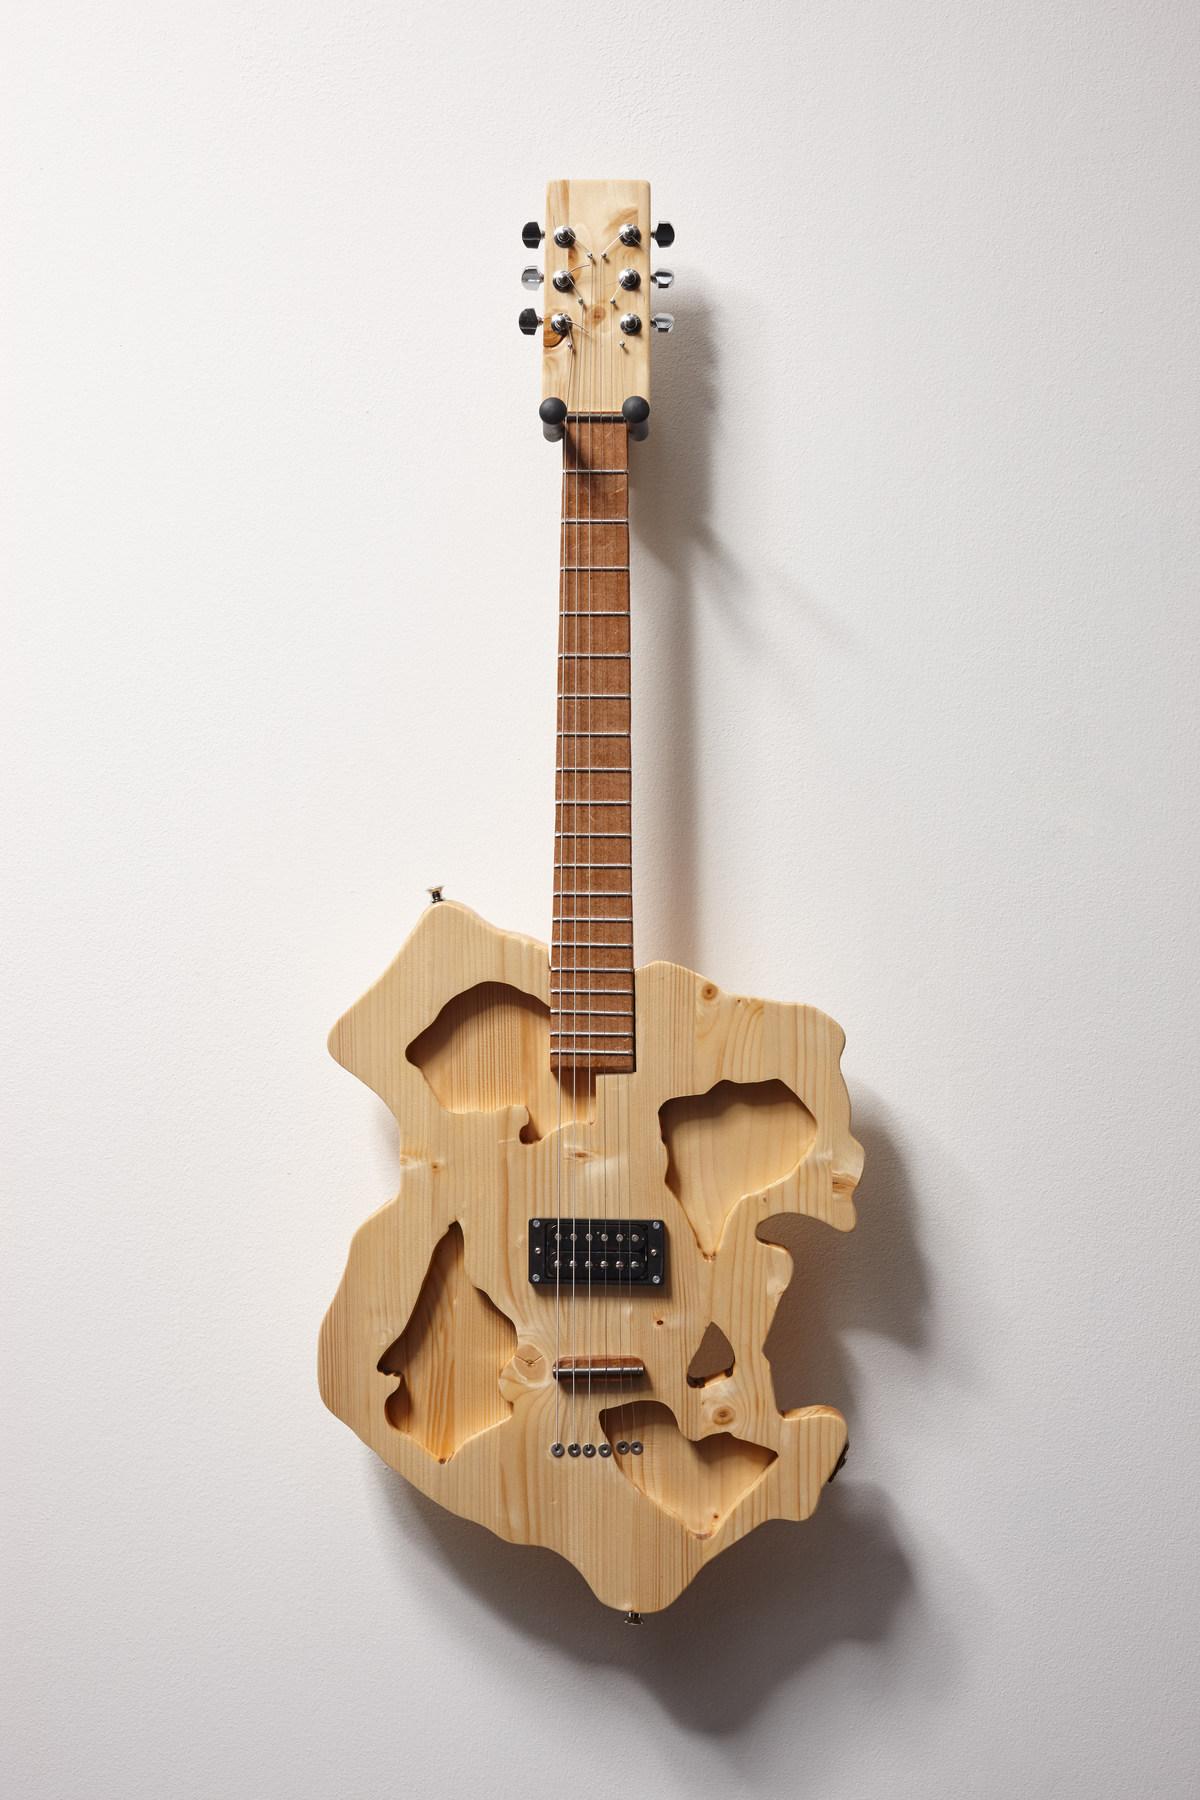 Flavio Merlo - Guitar I, 2015